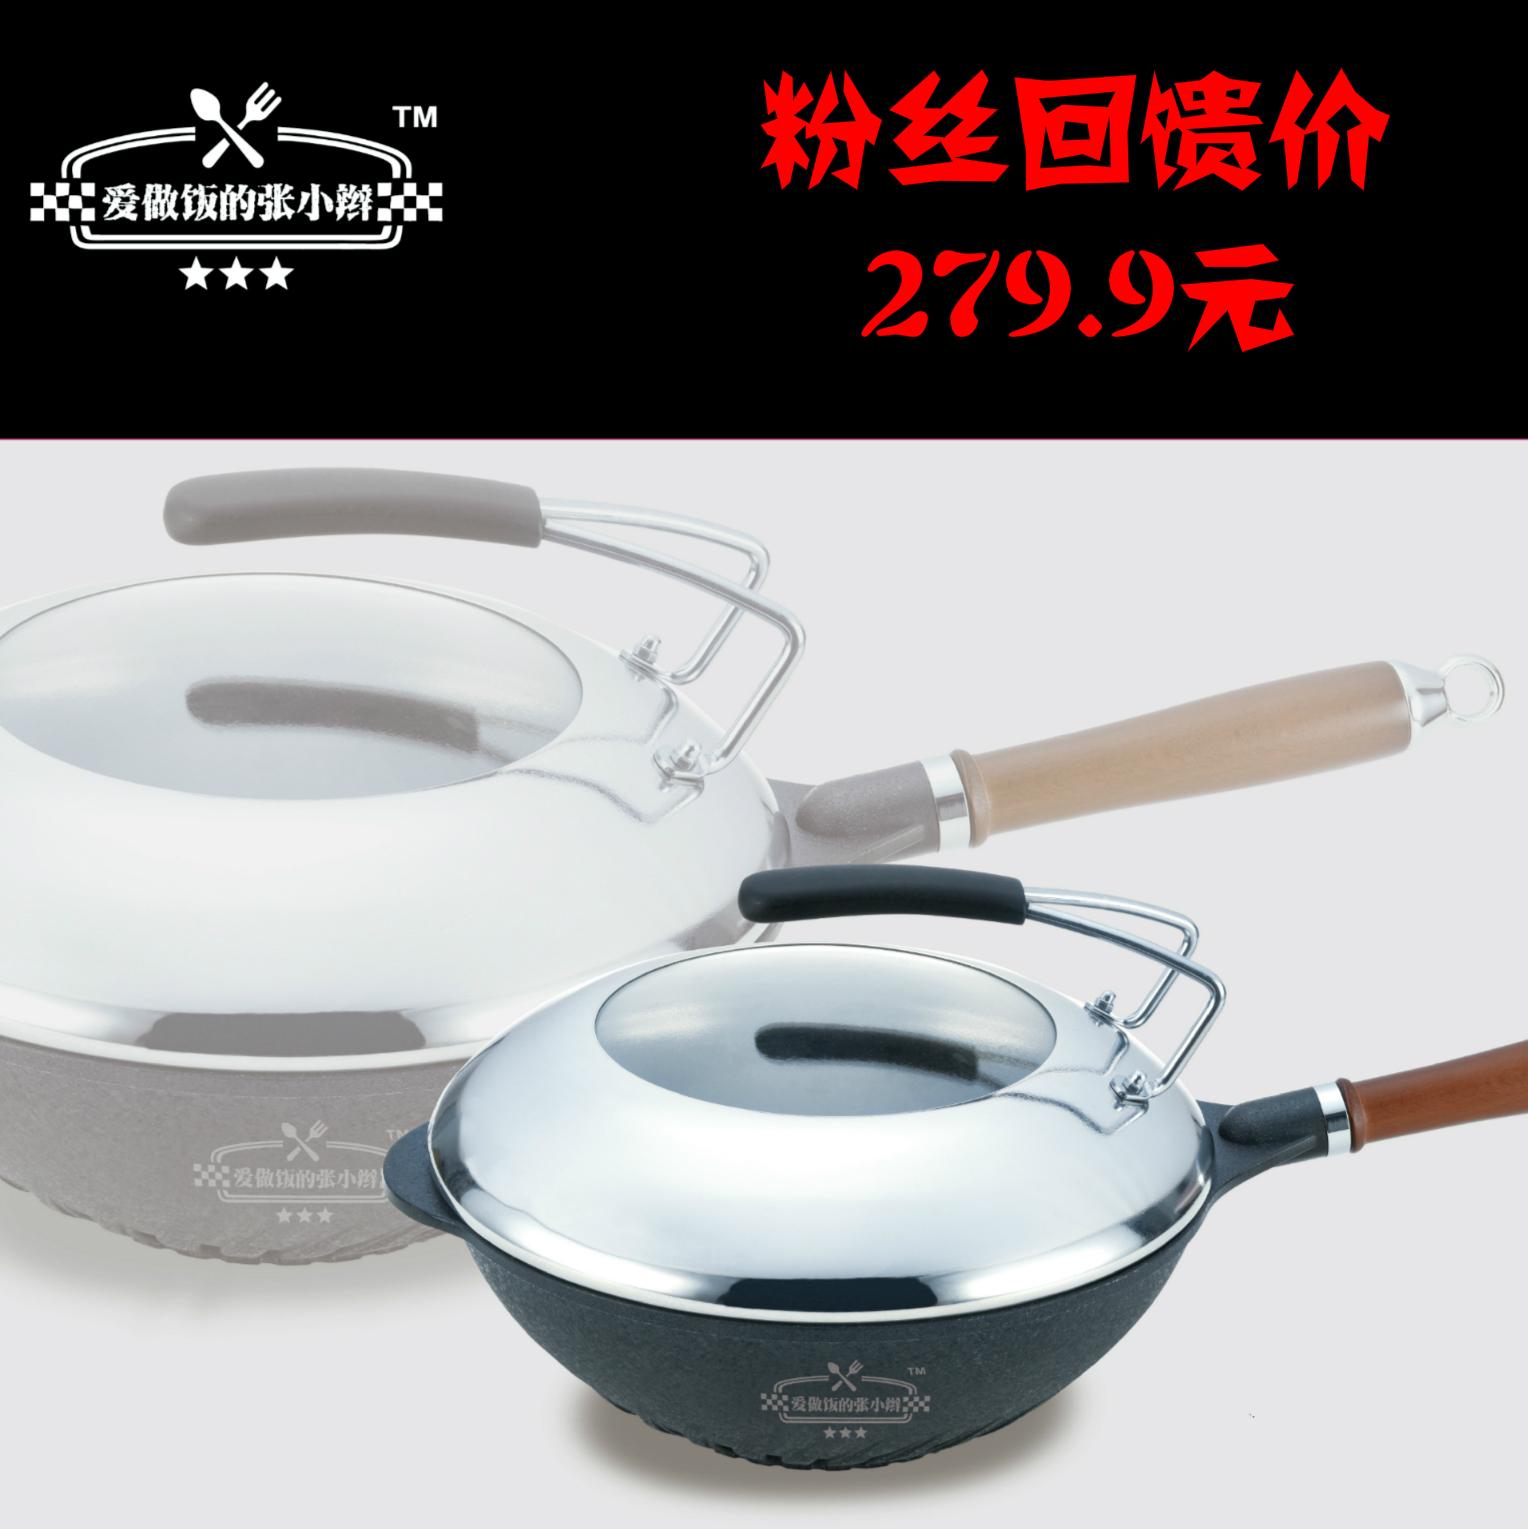 张小辫麦饭石不粘锅 高级无涂层炒锅 燃气电磁炉通用 32cm大容量